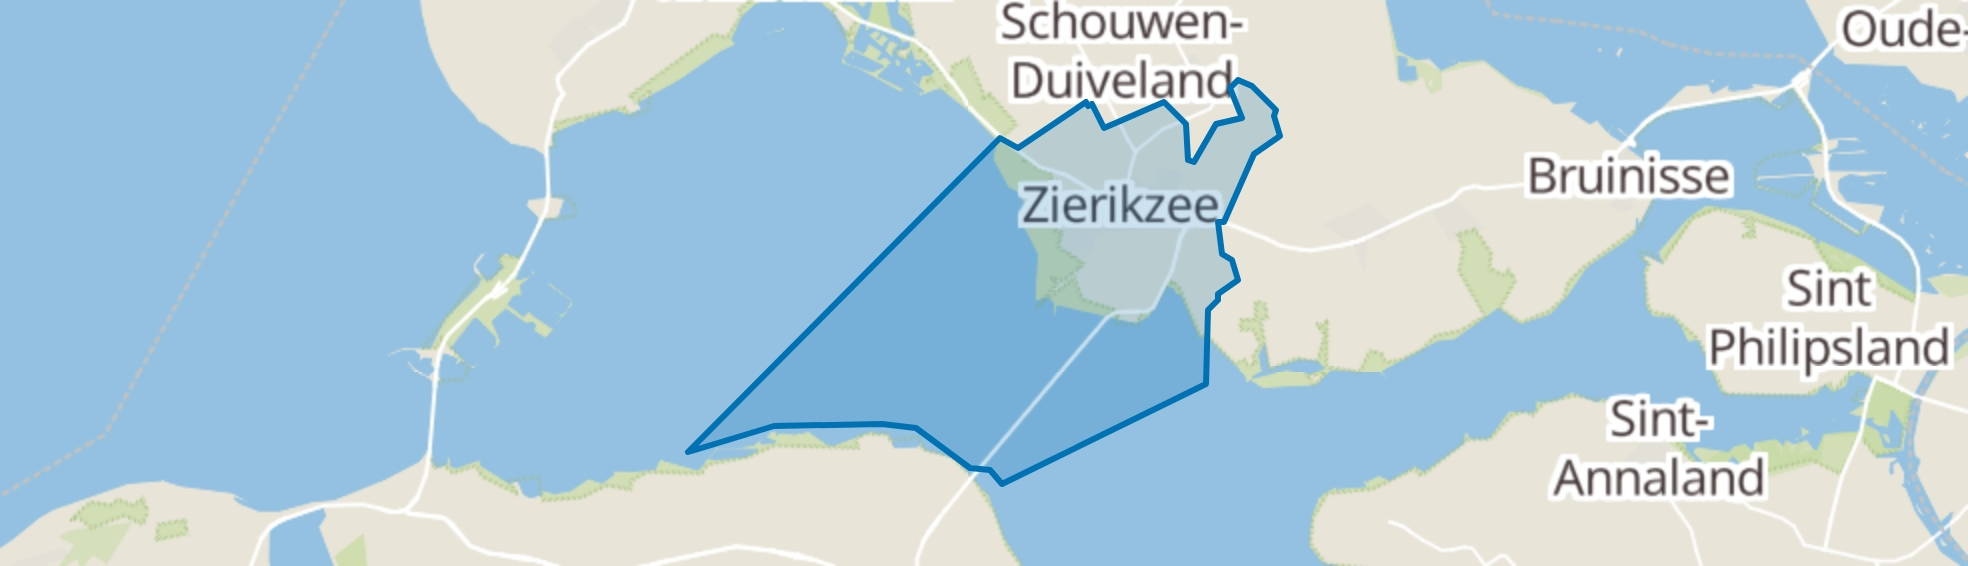 Zierikzee map